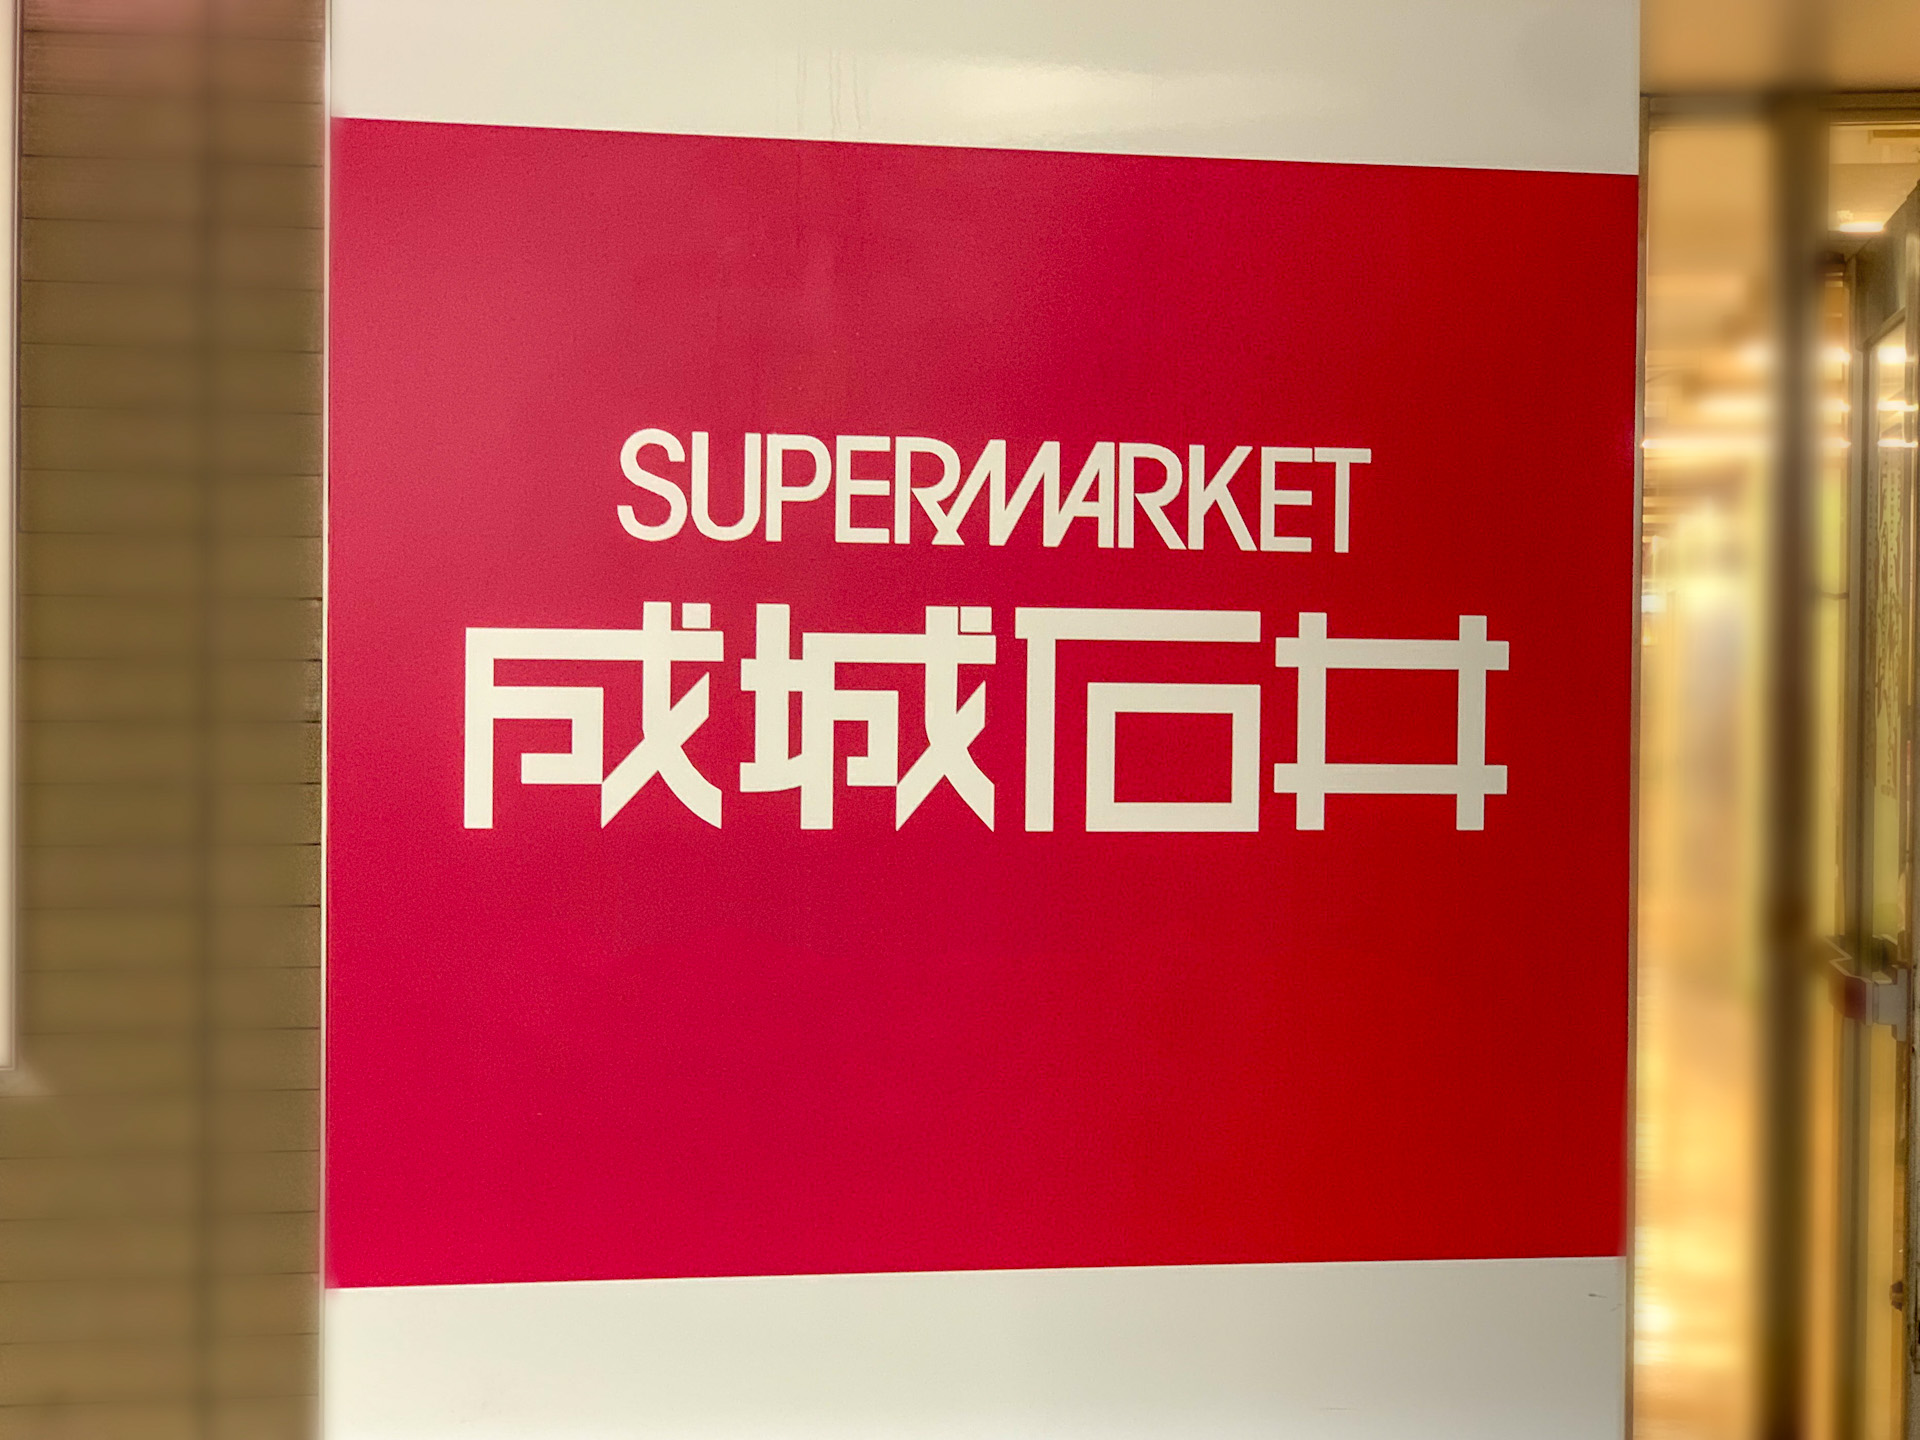 成城石井グランゲート東京駅店情報まとめ!周辺の店舗もご紹介